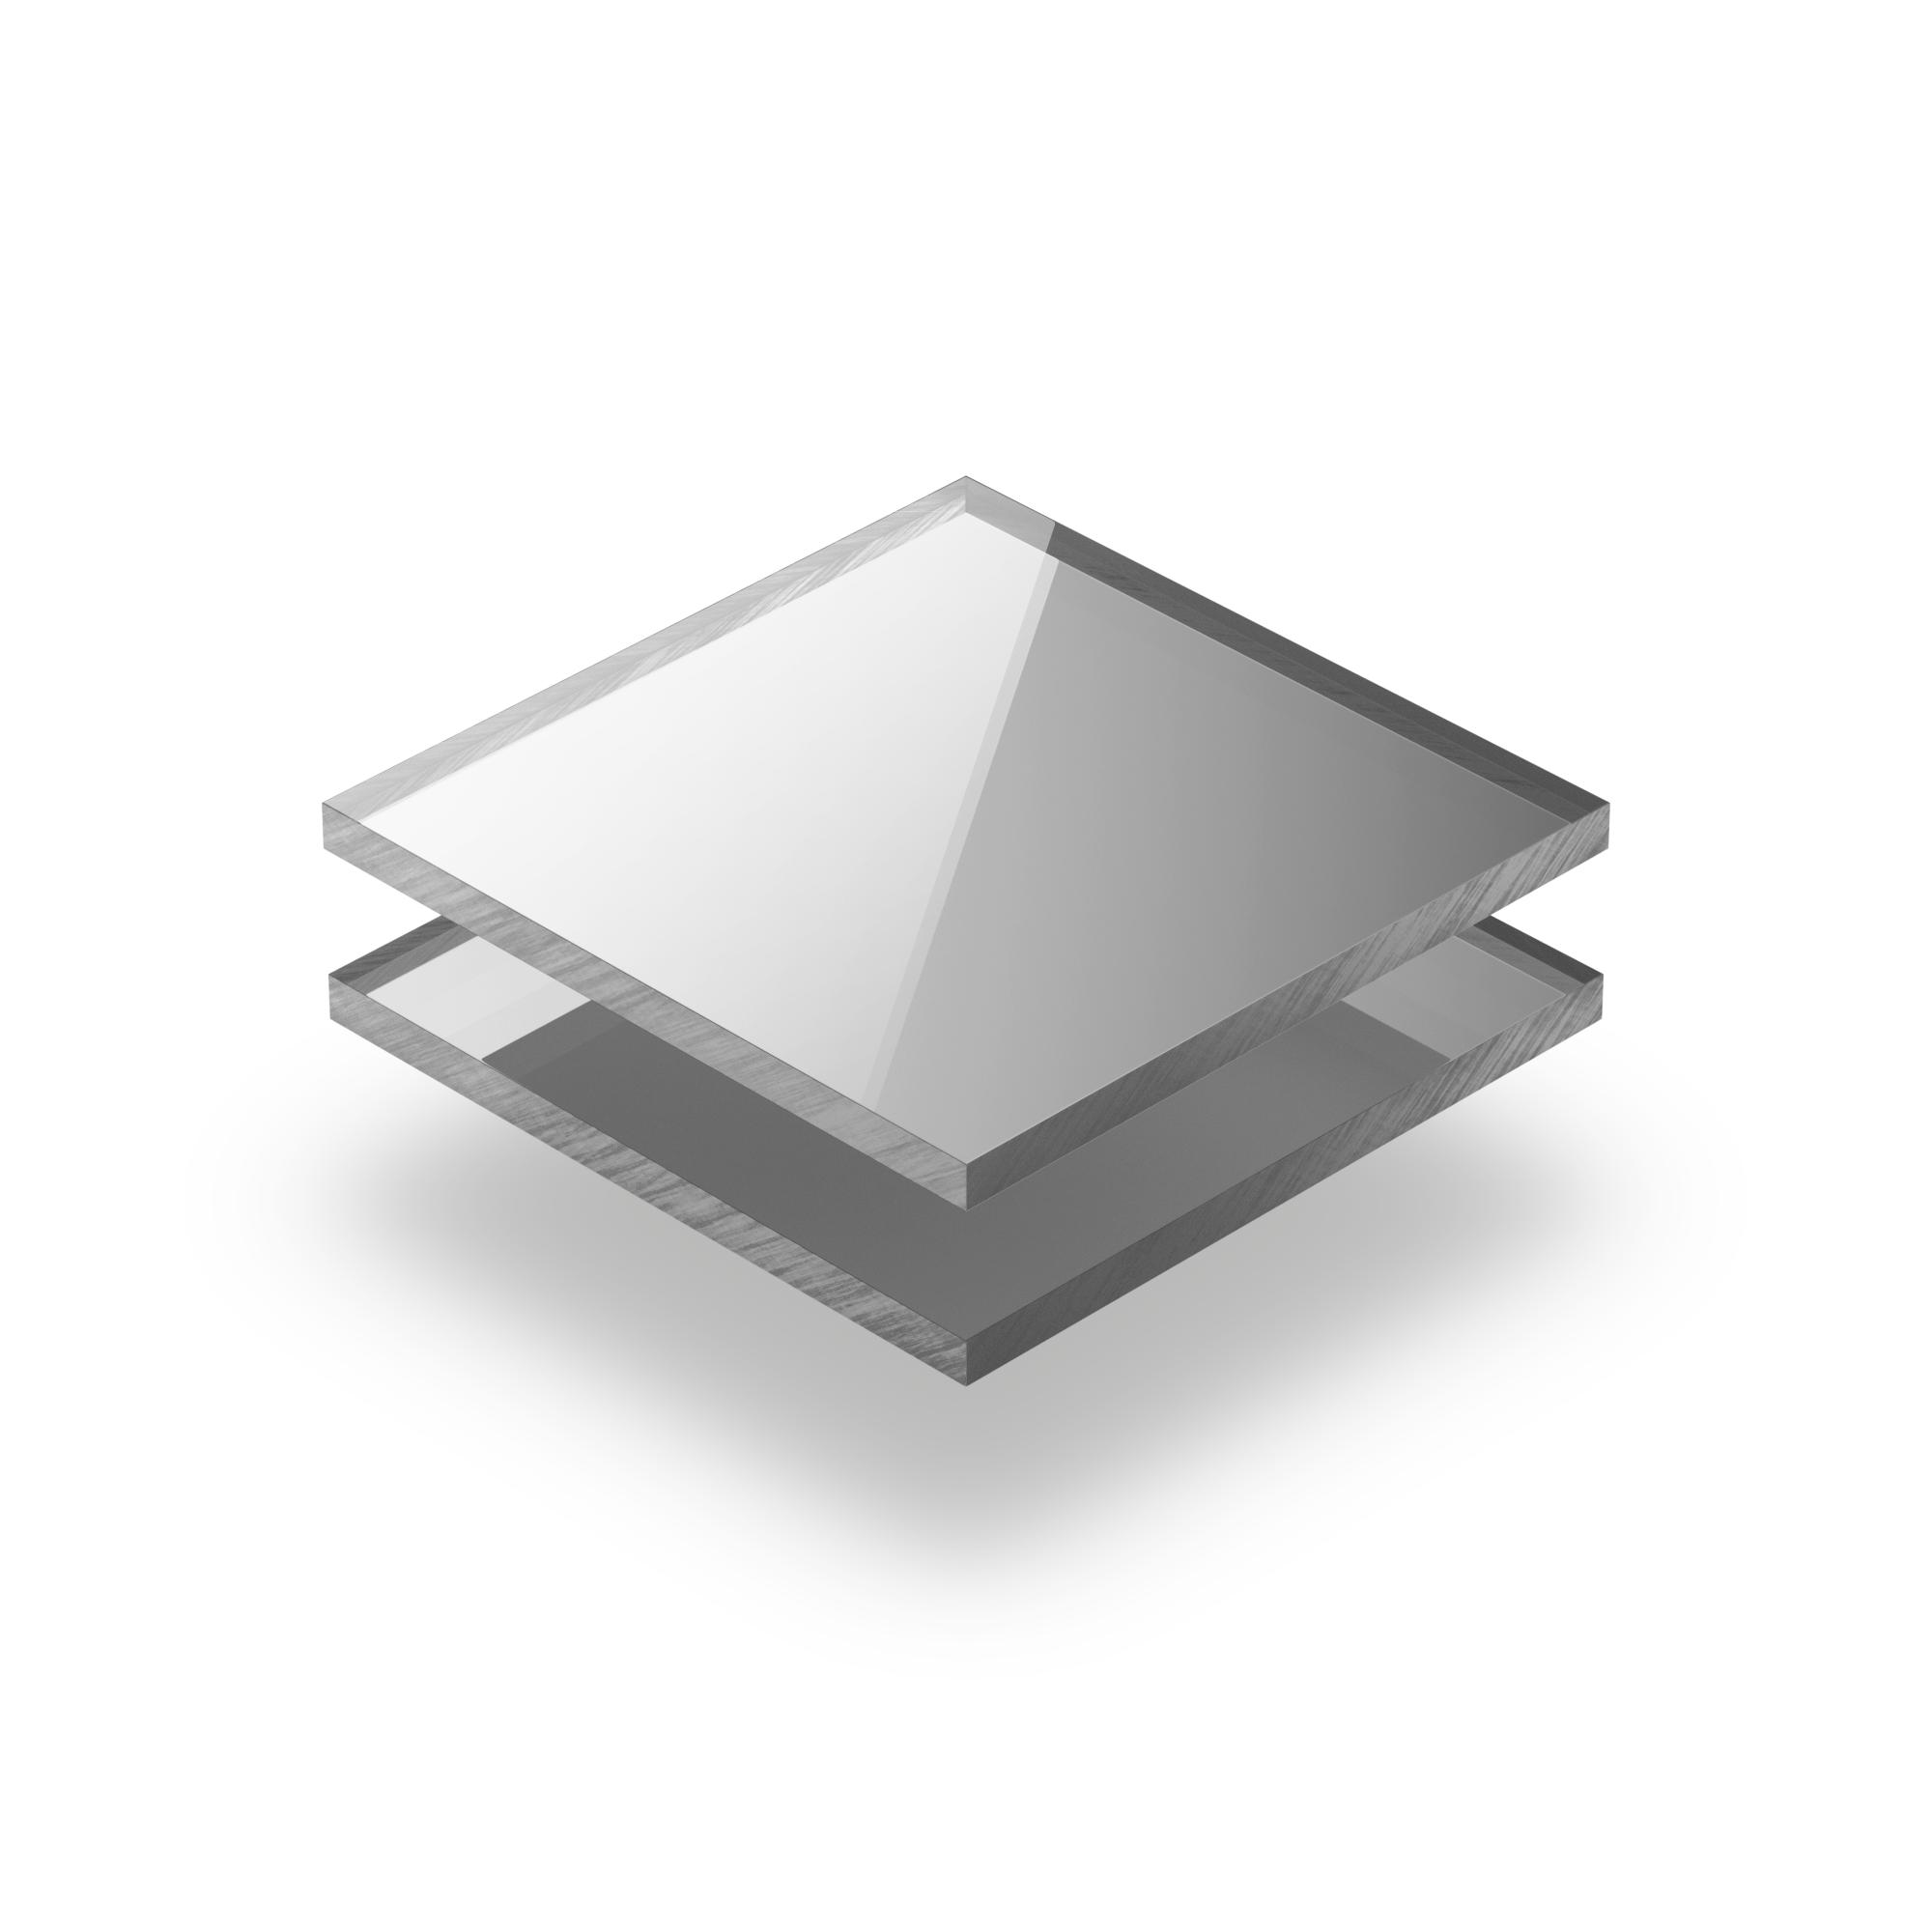 Wat Kost Een Spiegel Op Maat.Plexiglas Plaat Spiegel Zilver 3 Mm Gratis Op Maat Gezaagd